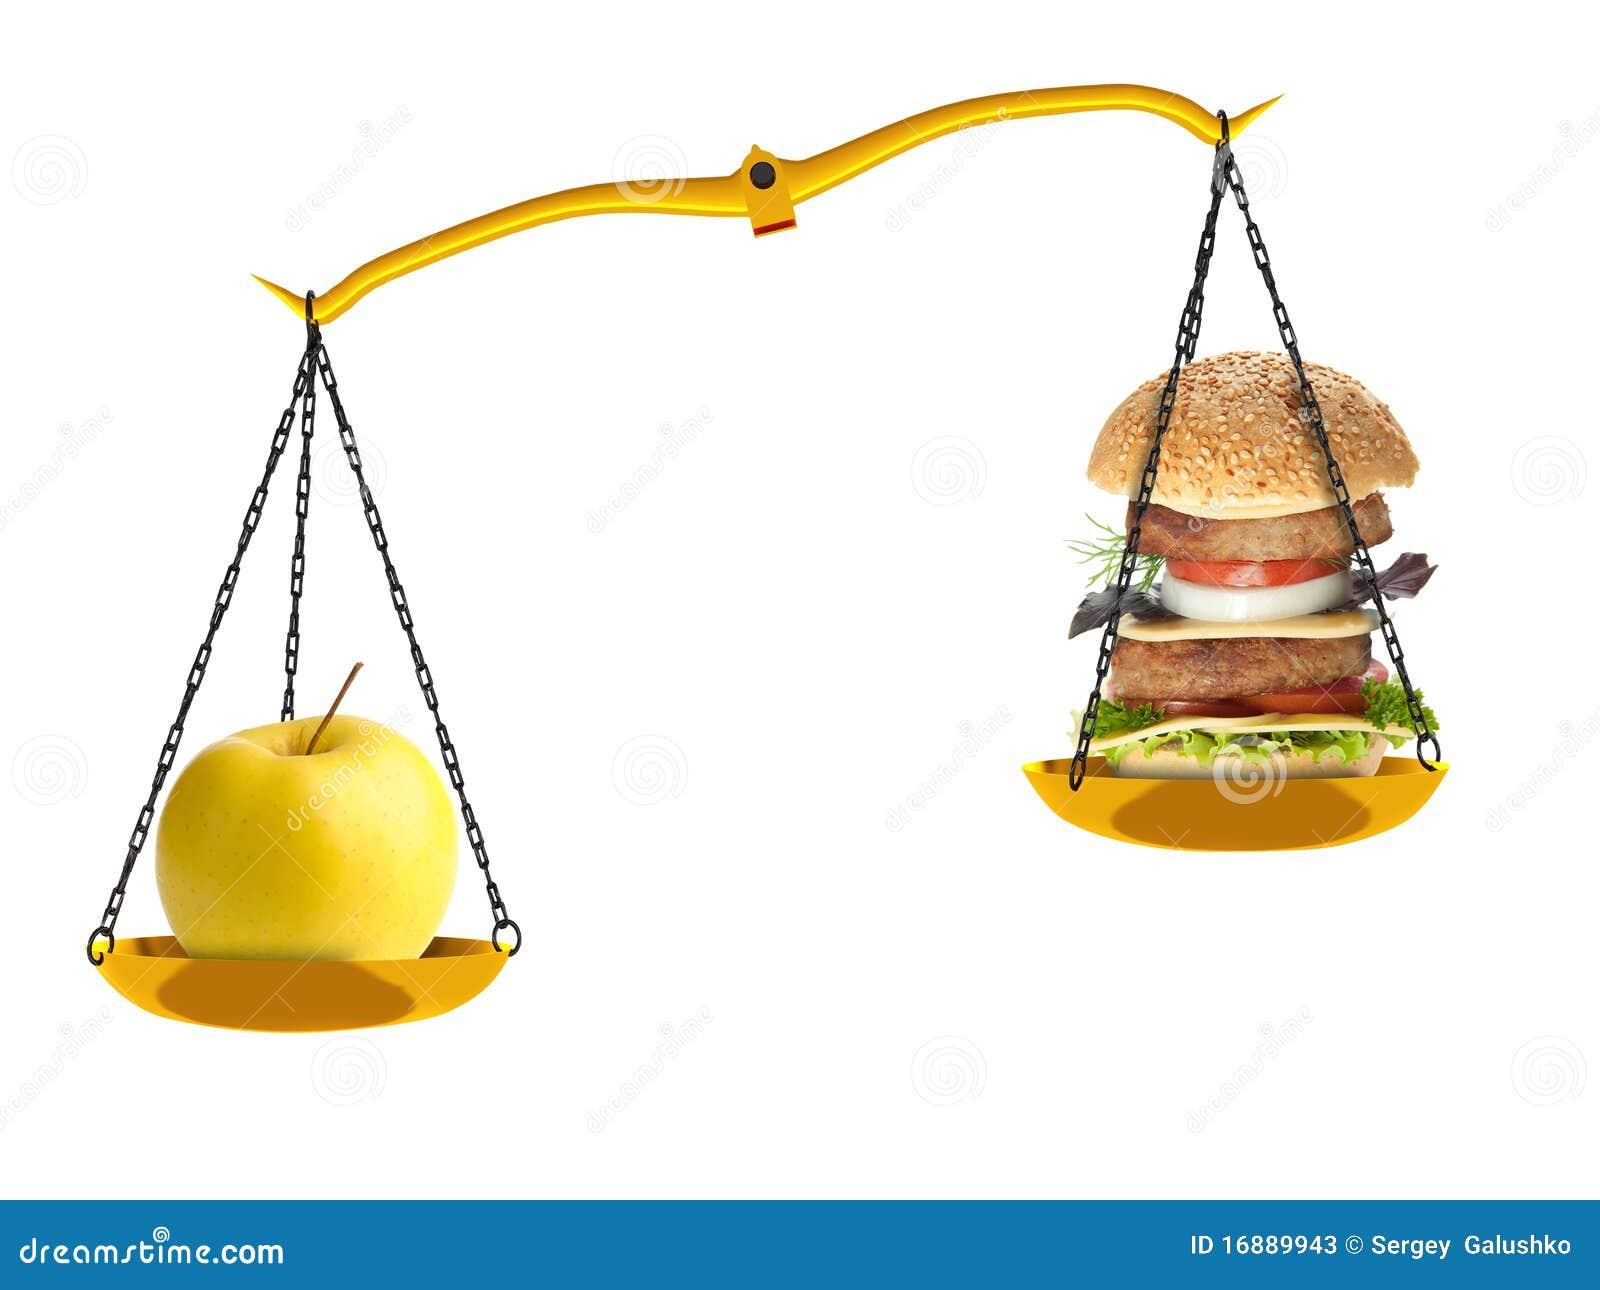 Escalas con una manzana y una hamburguesa